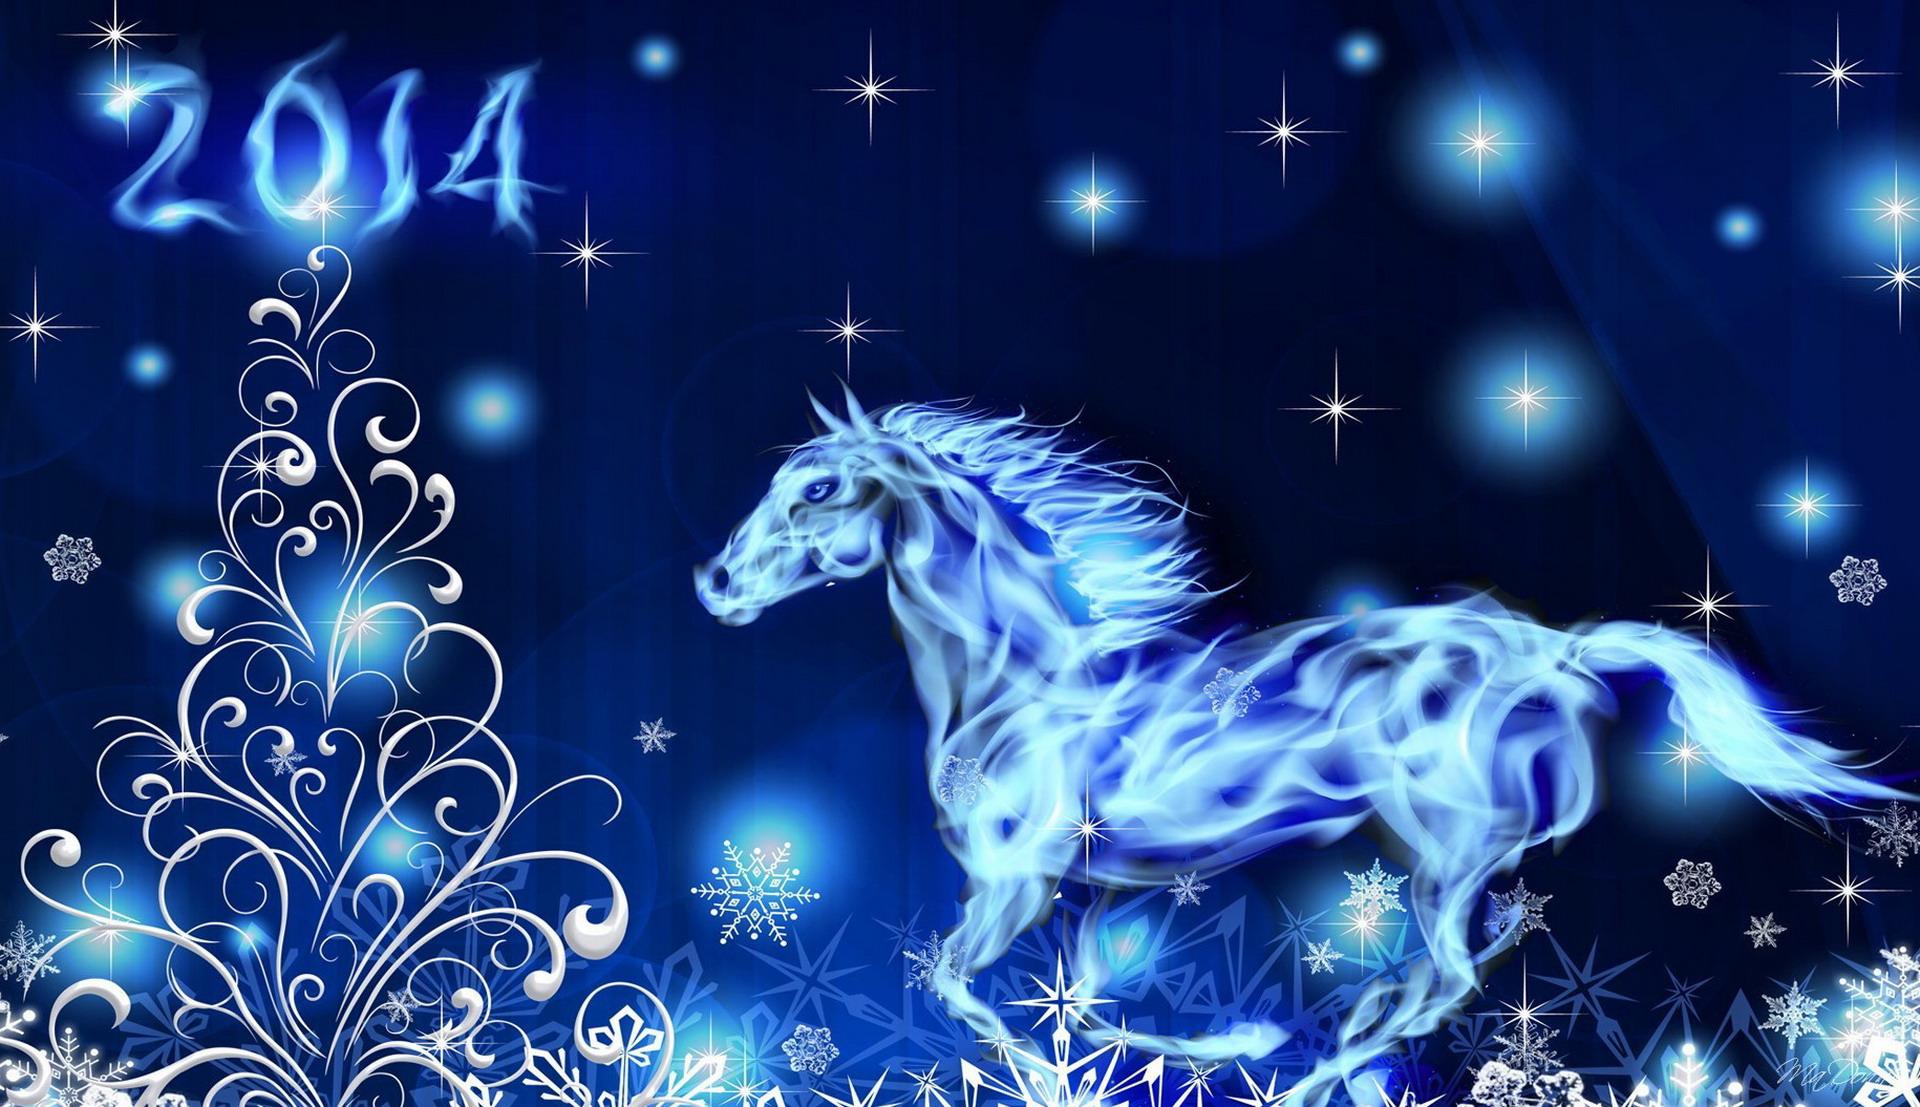 новый год новый год лошади 2014 теги 2014